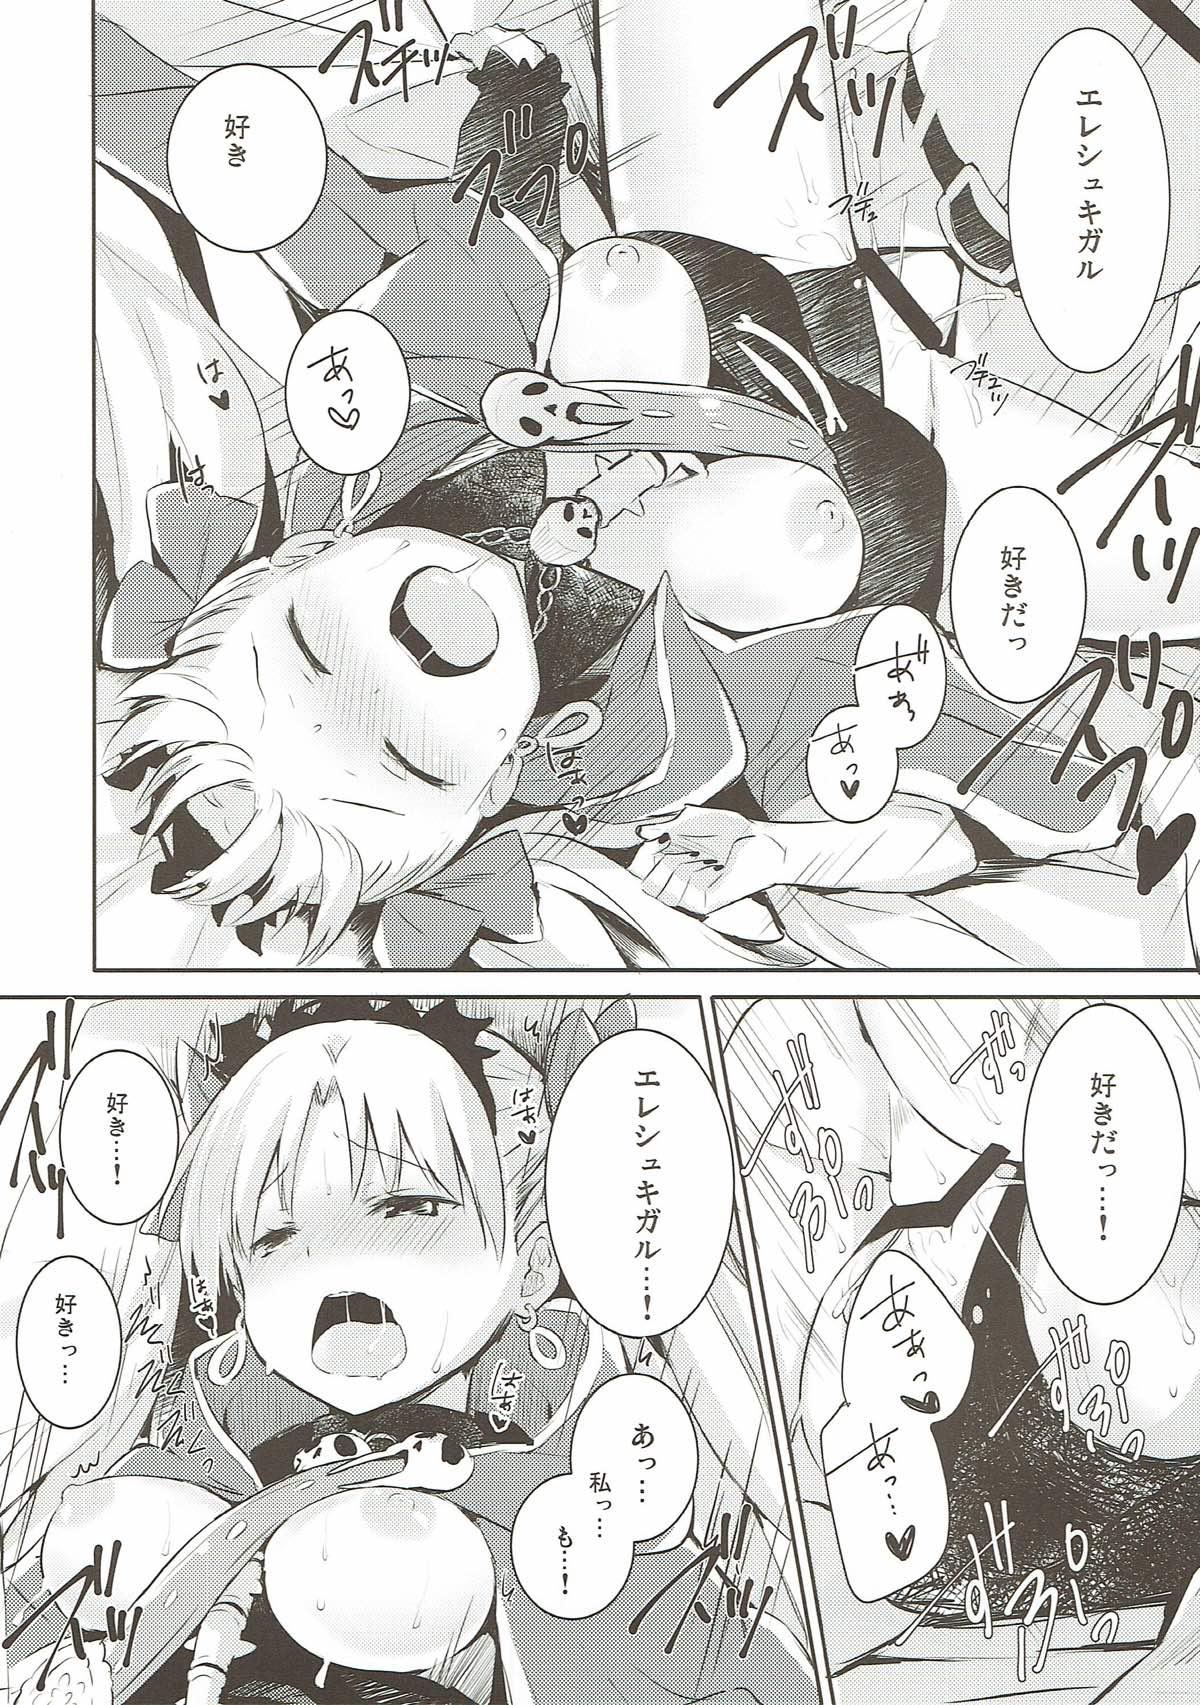 【FGO エロ漫画・エロ同人】マスター大好きエレちゃんのずっとドキドキしてる姿が可愛すぎる!!!!!!!! (16)